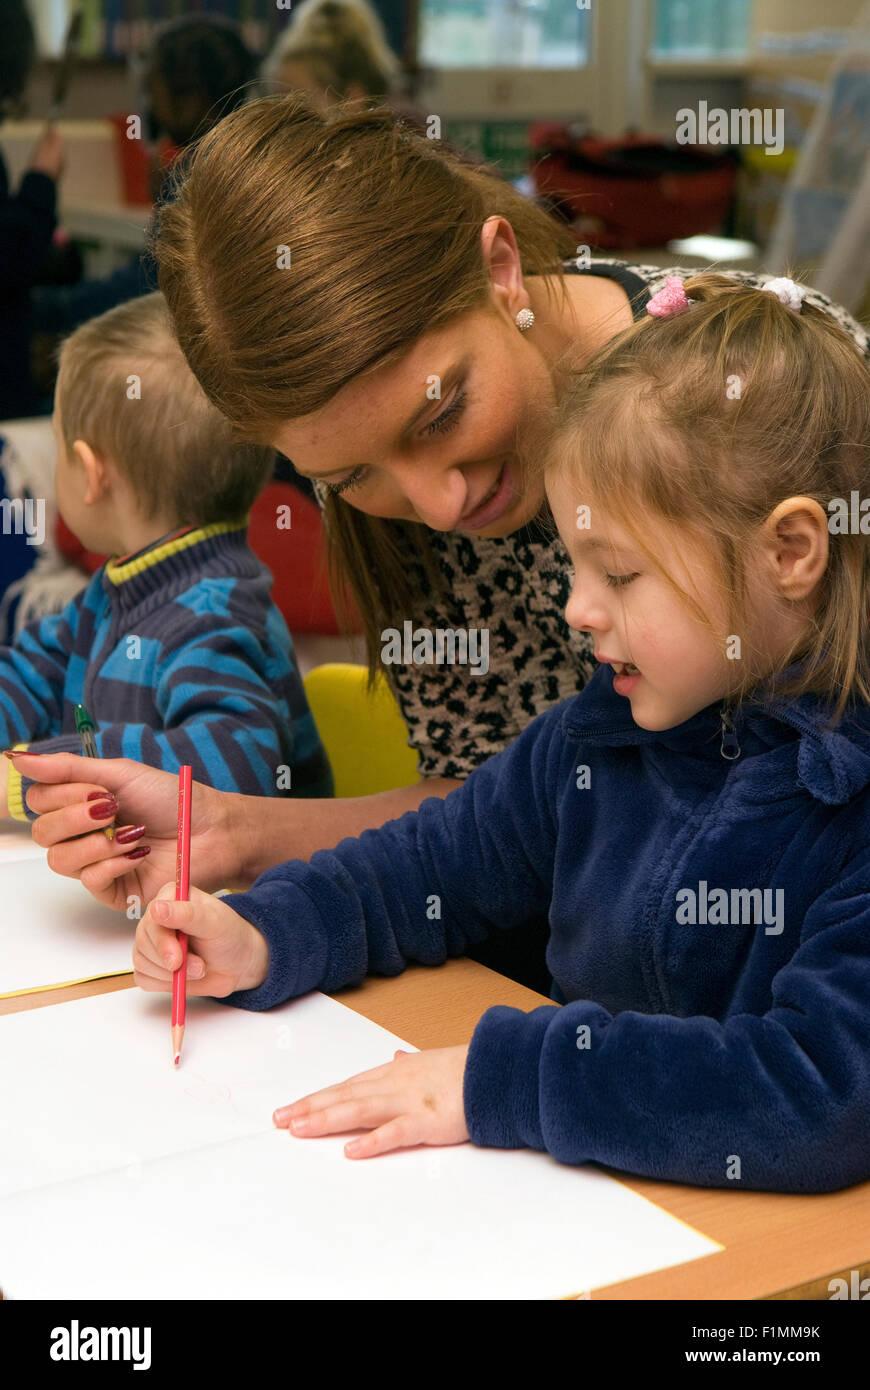 Primary school teacher assisting élève en classe, Londres, Royaume-Uni. Photo Stock